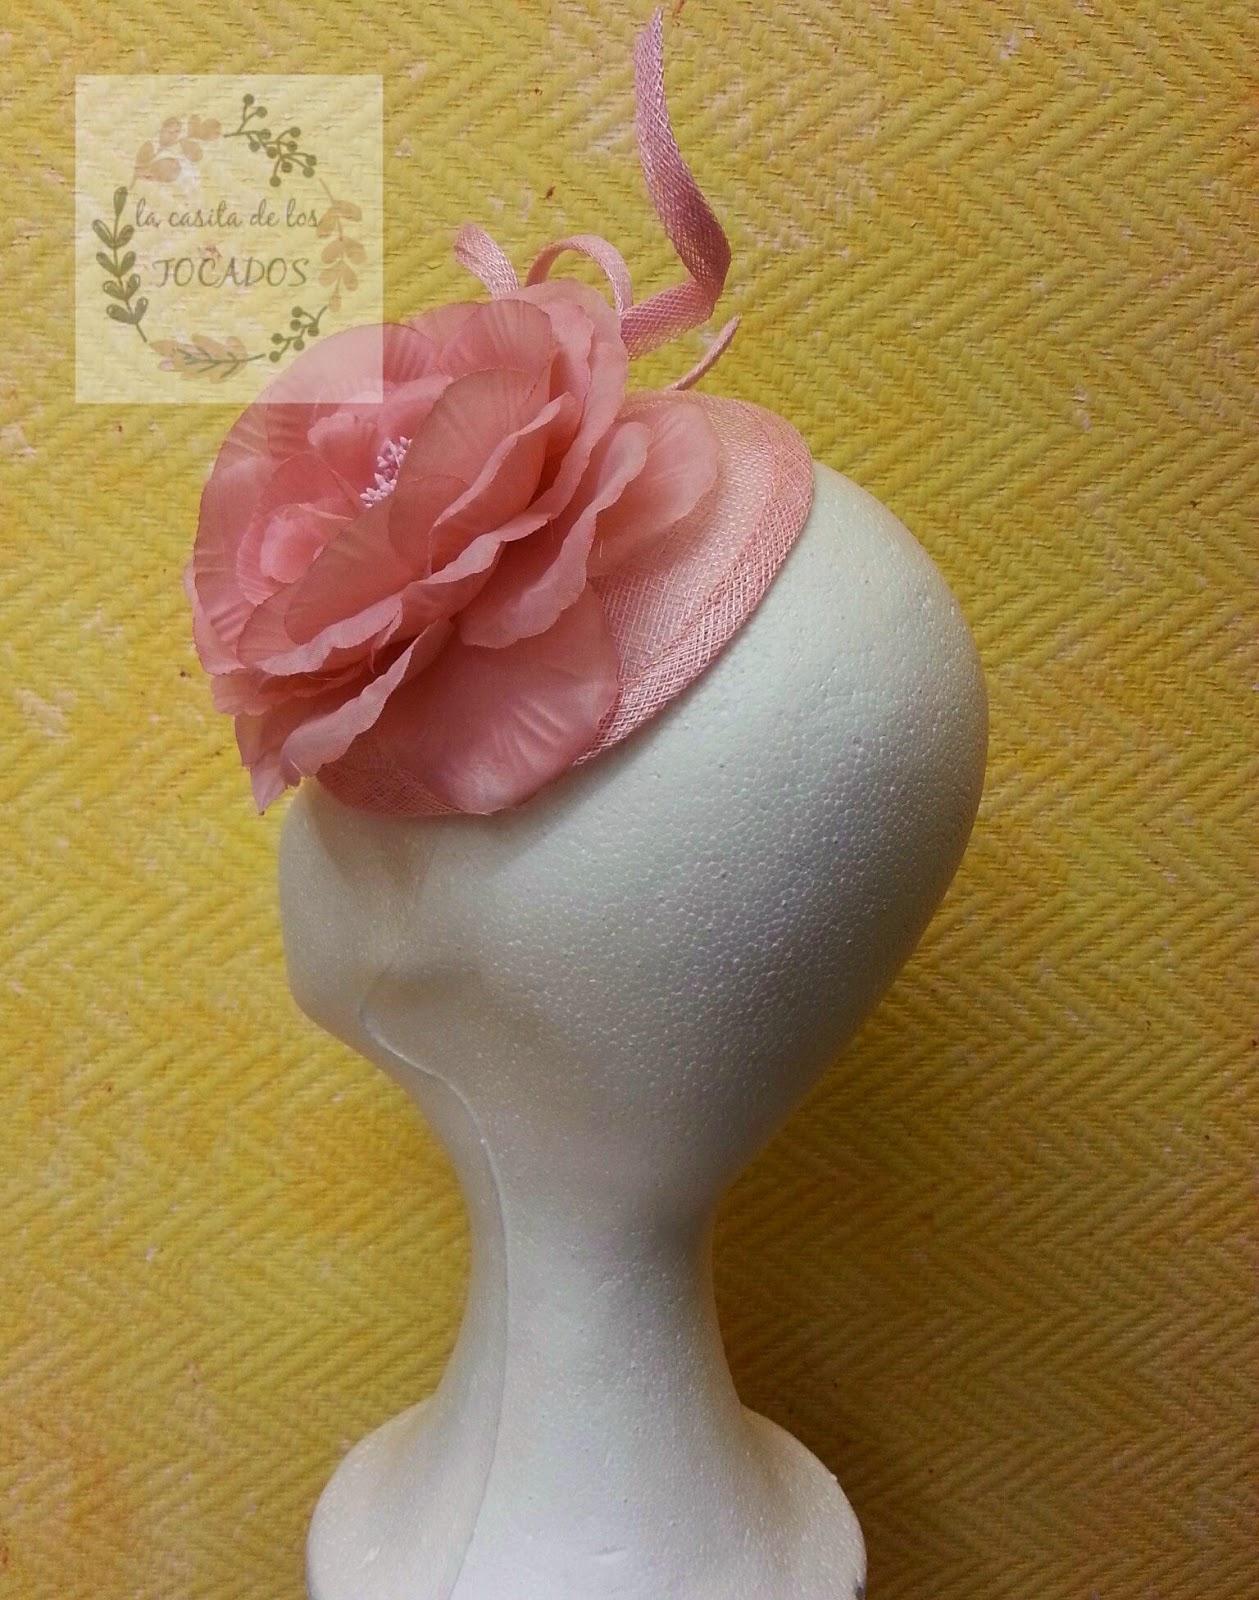 tocado en color rosa con flor y base de sinamay redonda de 14 cm de diámetro